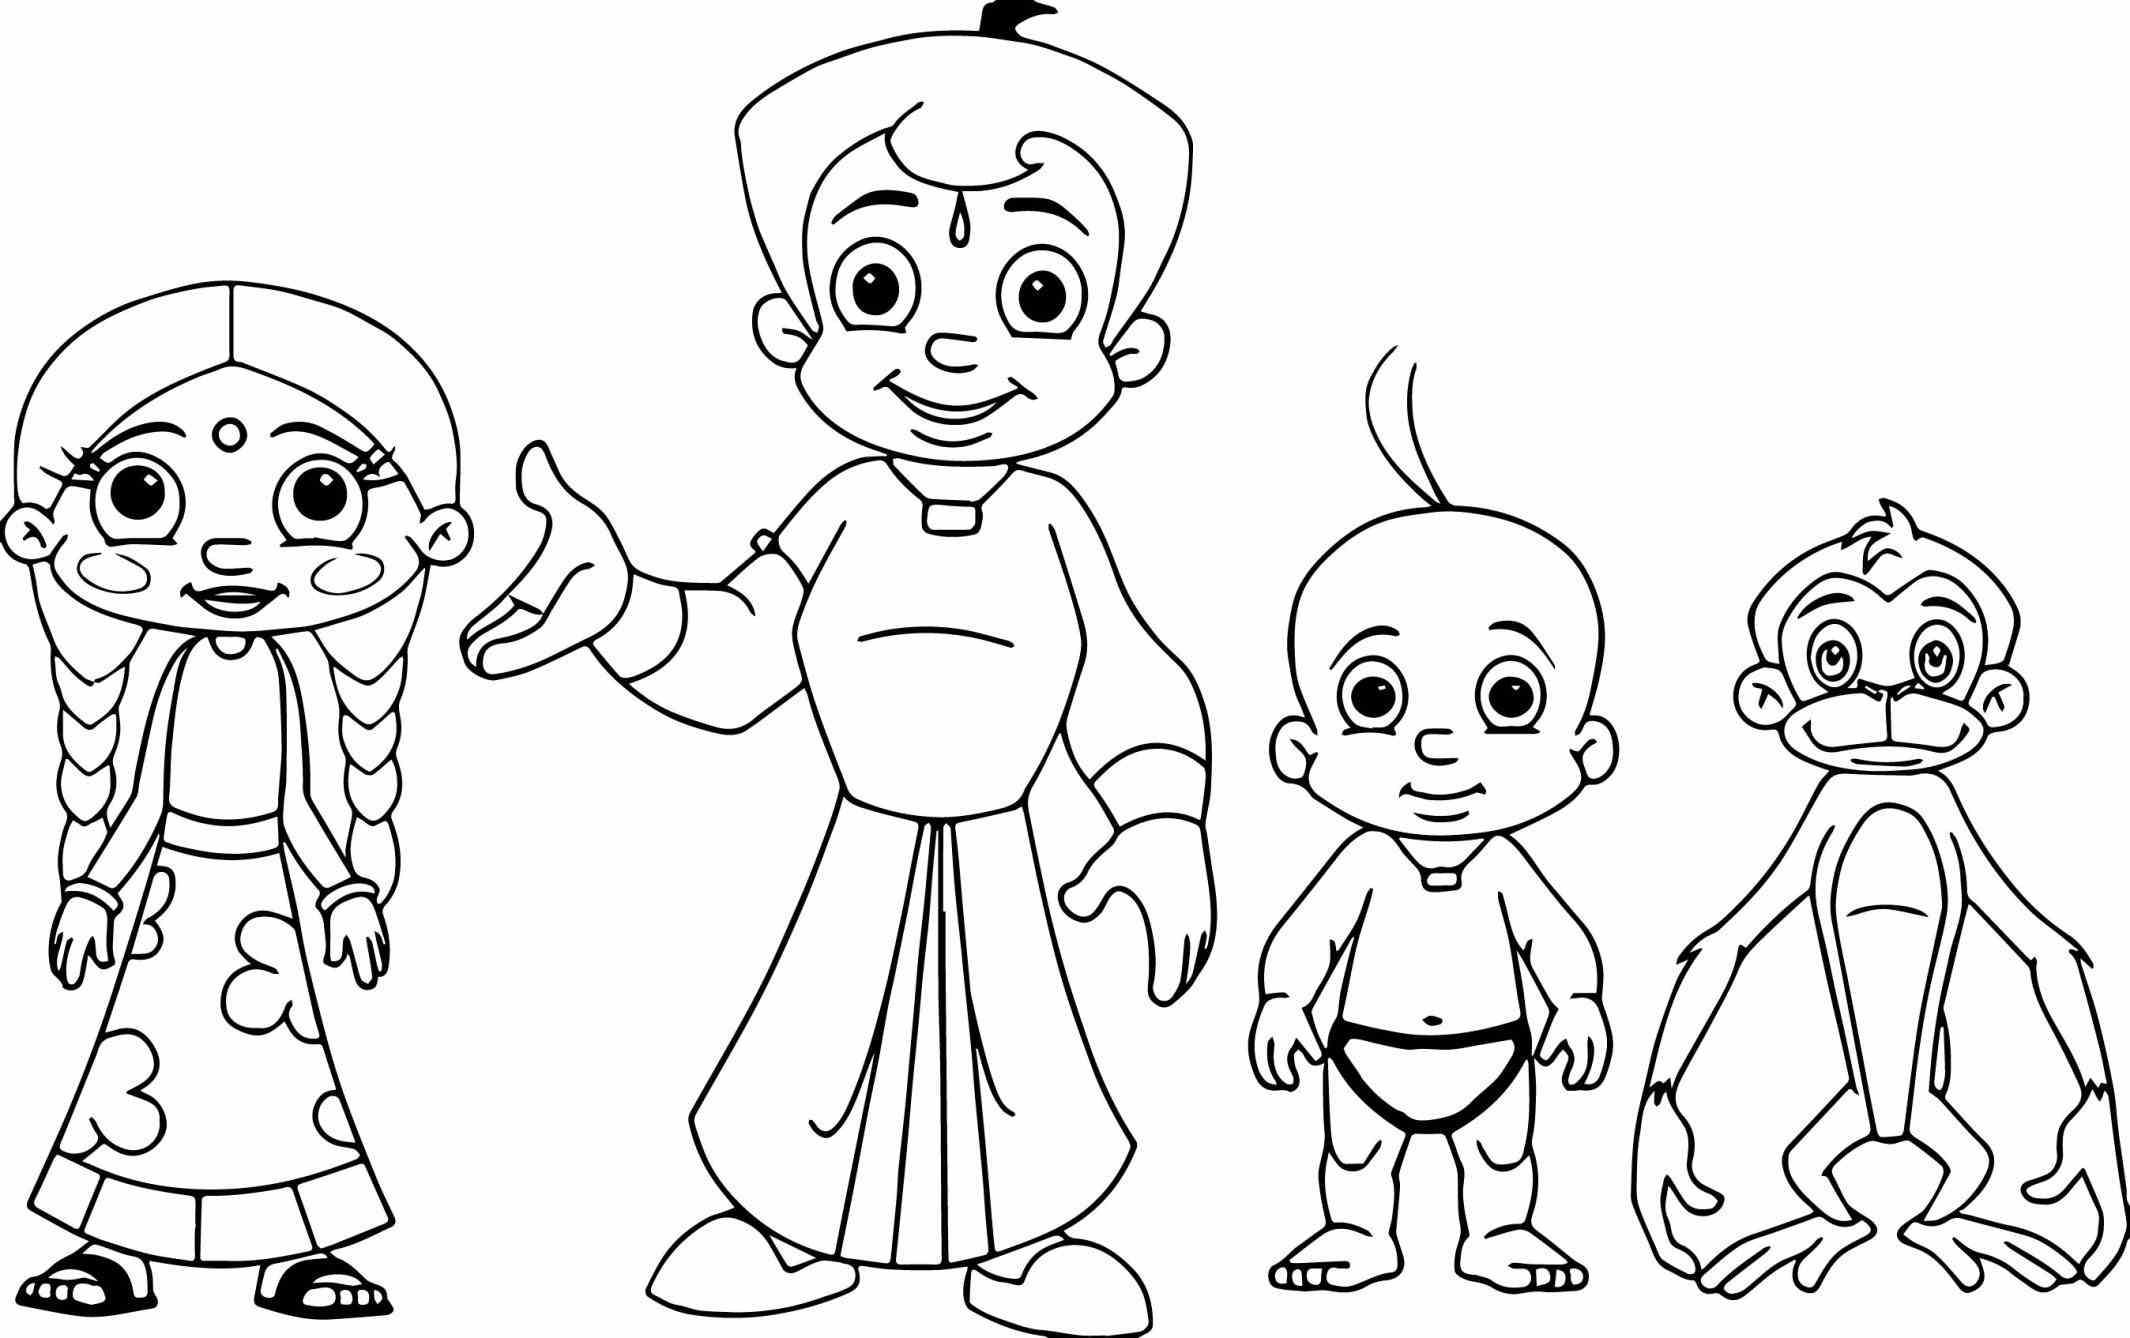 2130x1338 Chota Bheem Pencil Sketch Images Home Spun Around Saturday Art